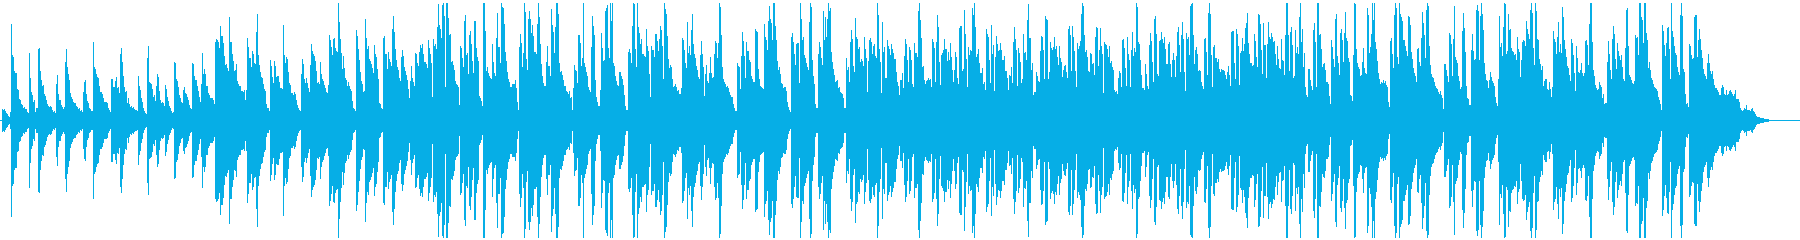 郷愁-和風メロディーにおしゃれ和音の再生済みの波形